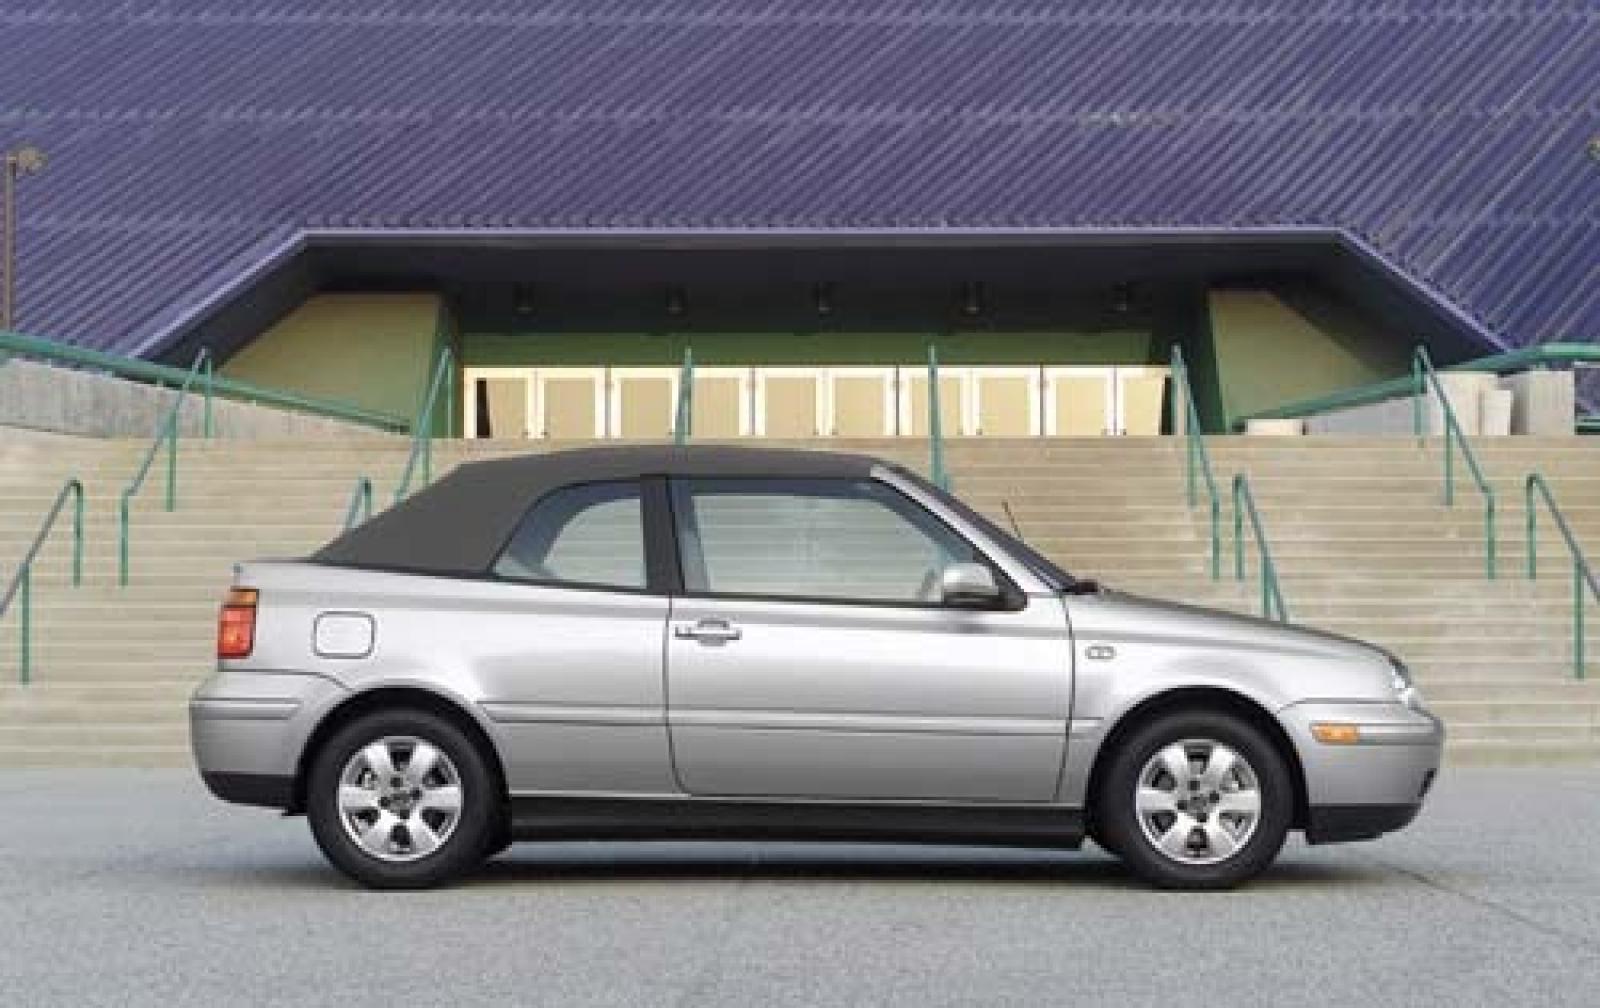 2002 Volkswagen Cabrio - Information and photos - ZombieDrive